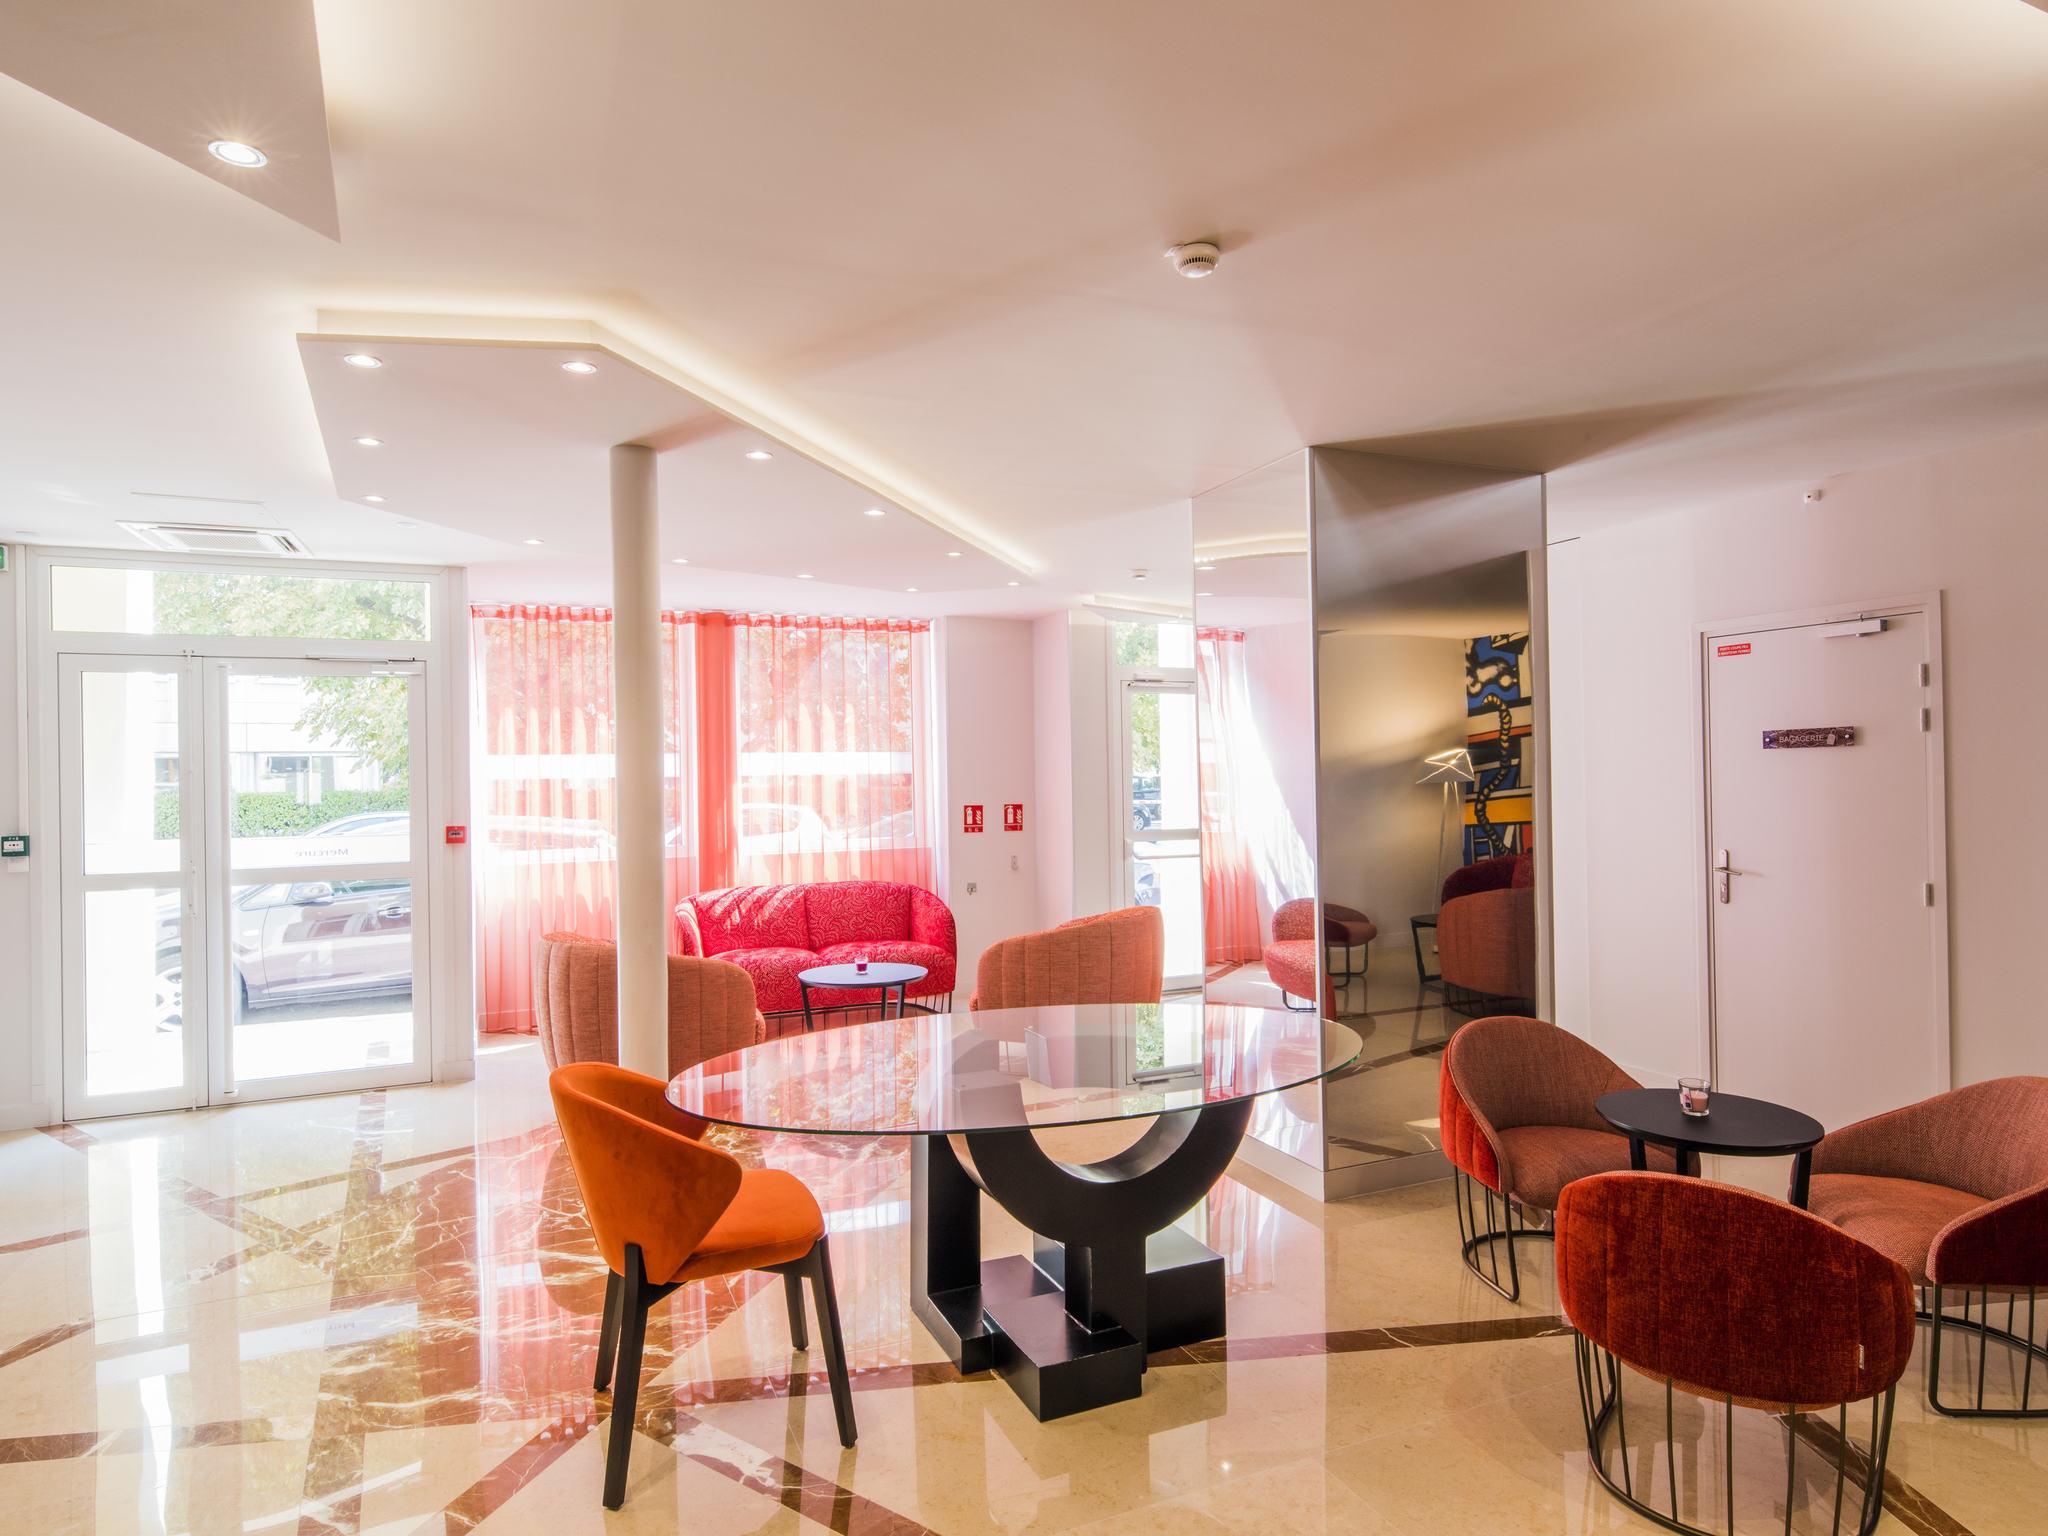 酒店 – 巴黎勒瓦卢瓦桥纳伊美居酒店(2018 年 6 月开业)